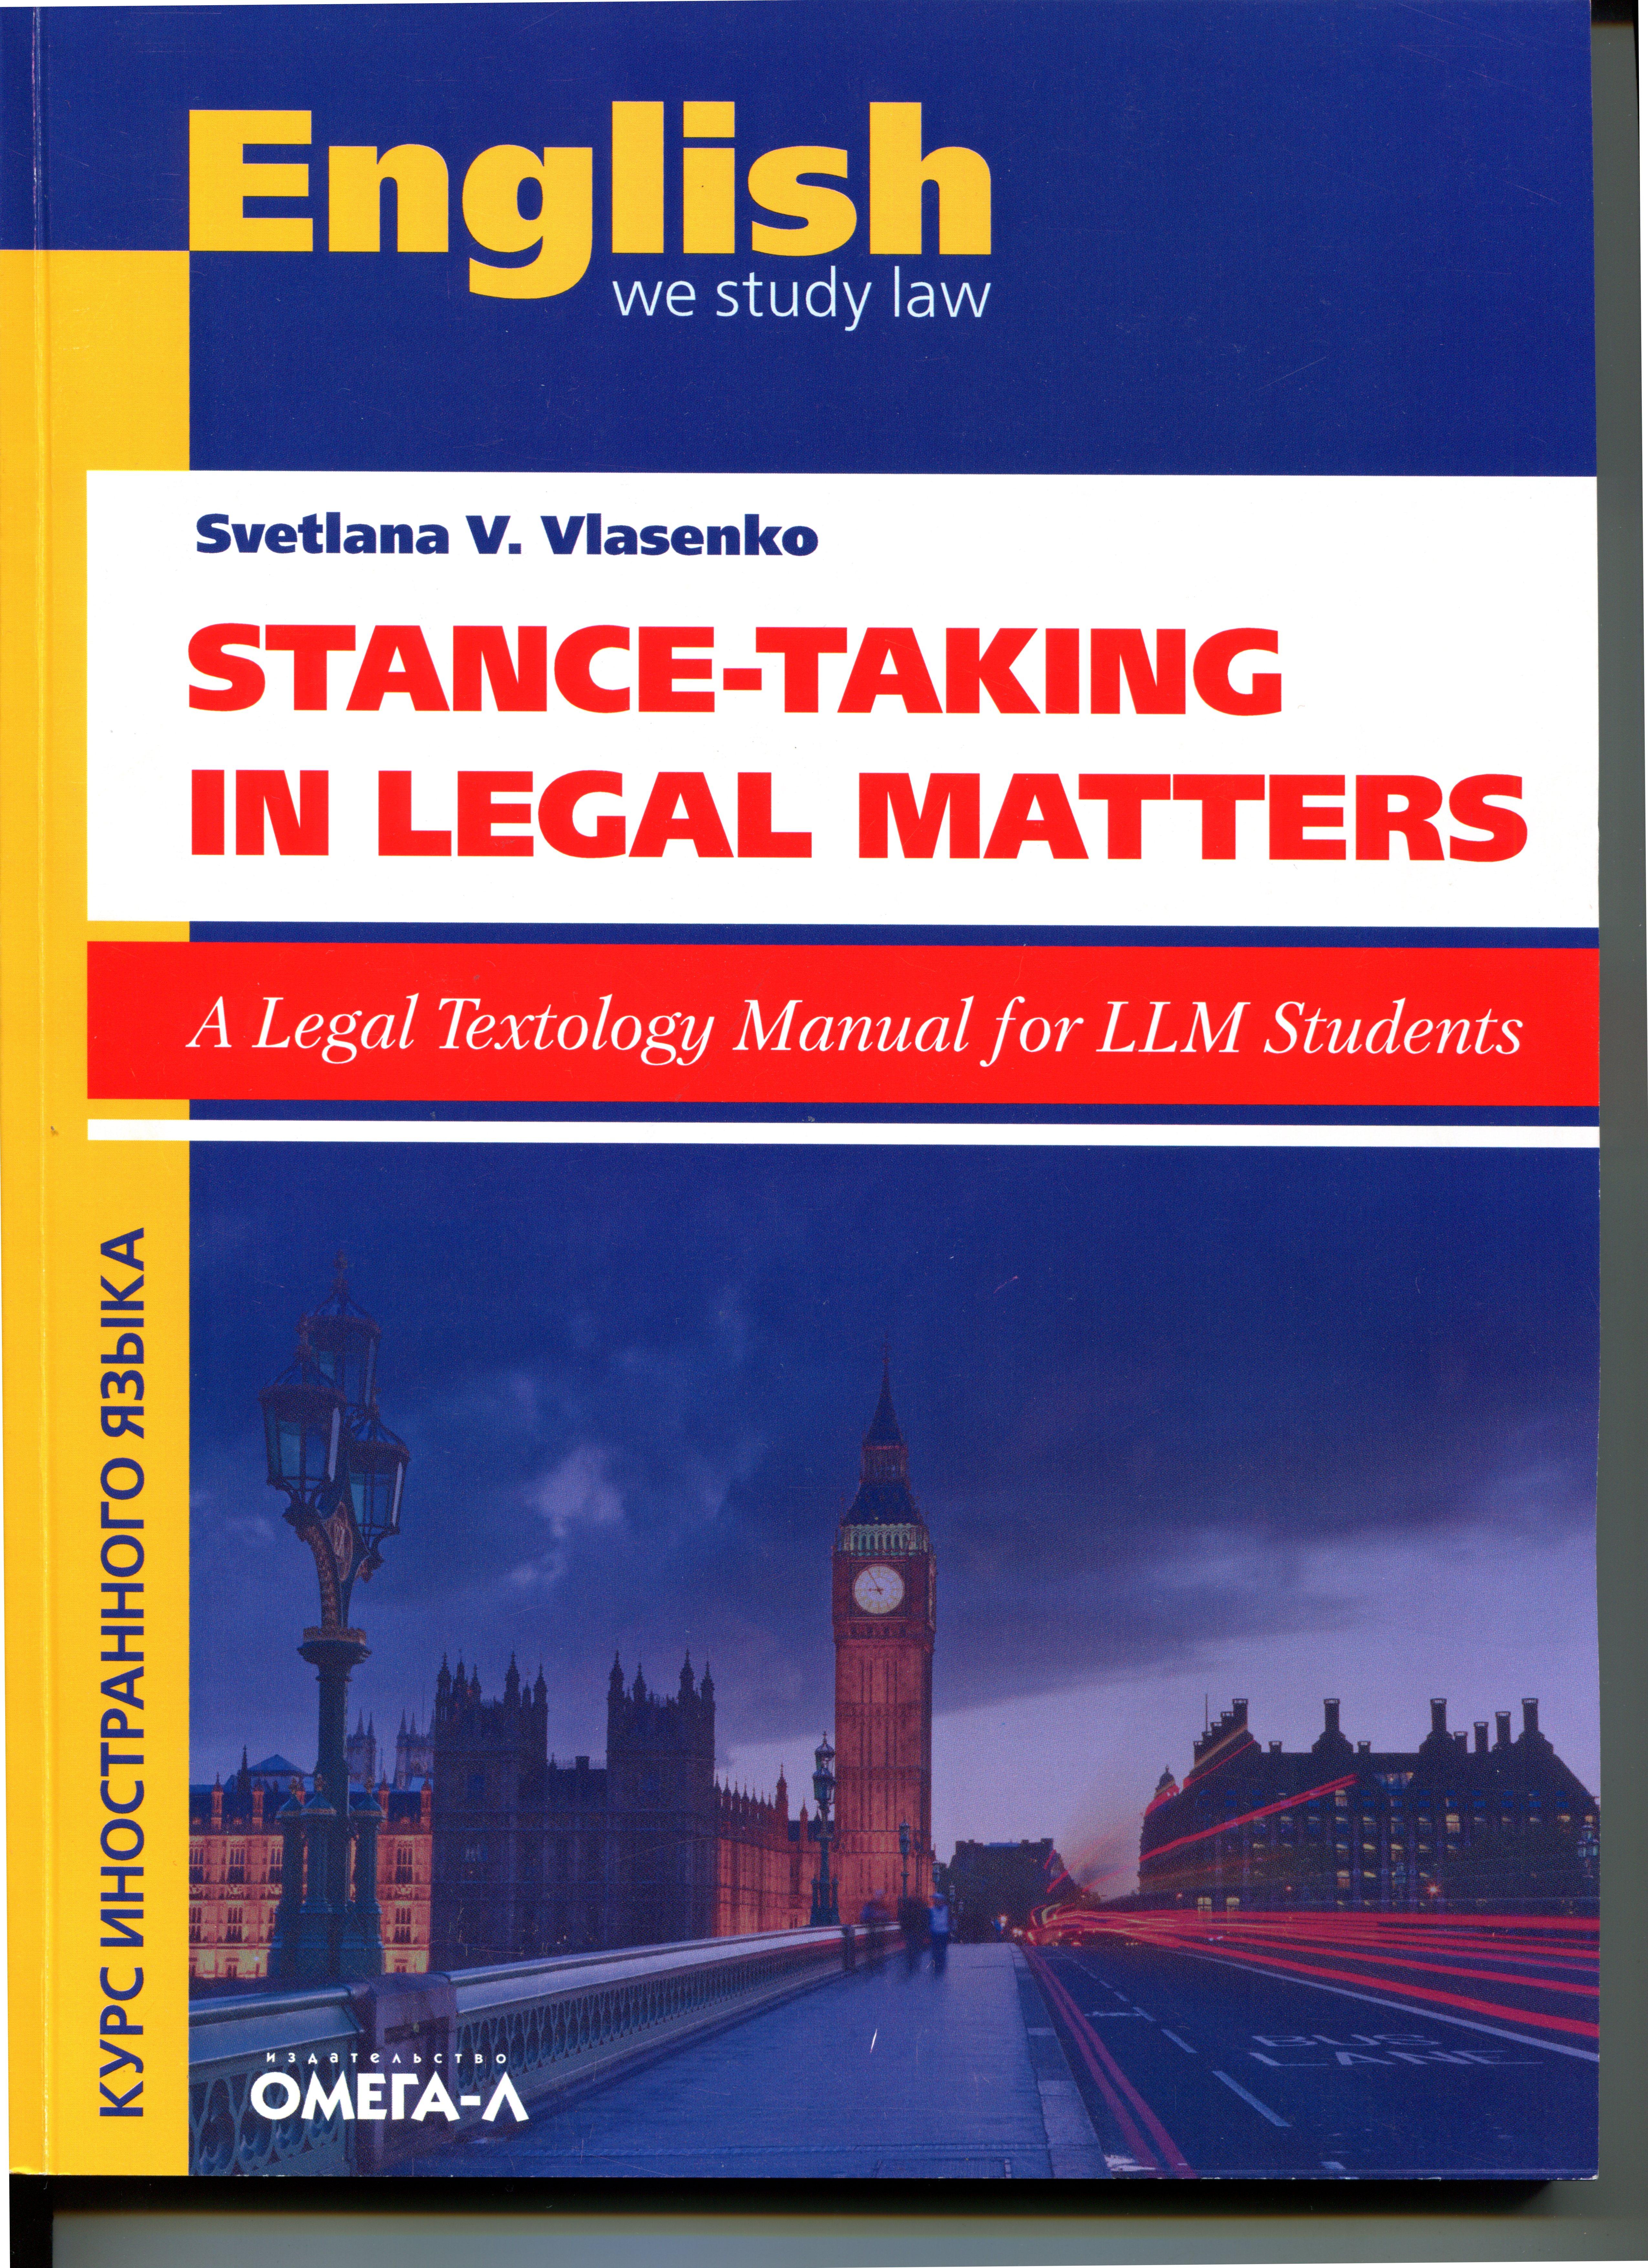 Stance-Taking in Legal Matters : A Legal Textology Manual for LLM Students: Учебно-методическое пособие по текстологическому анализу юридических текстов на английском языке для студентов магистерских программ в области права